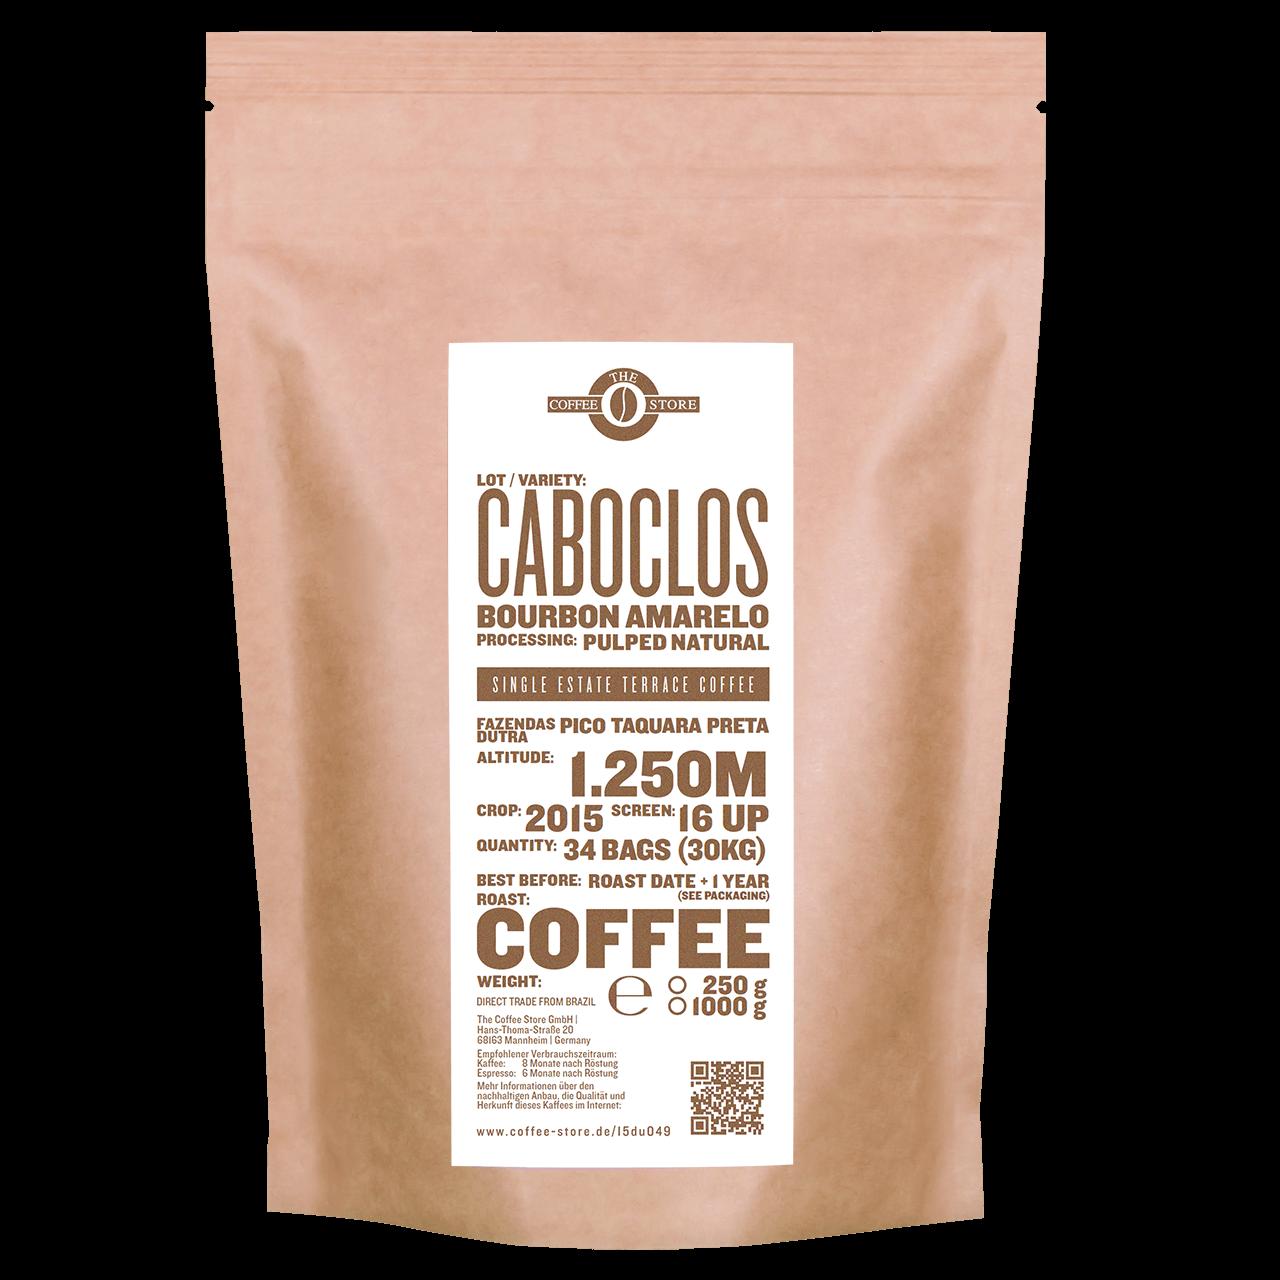 Eine Tüte gerösteter Kaffee von The Coffee Store. Kaffeeröstung Varieität Bourbon amarelo.